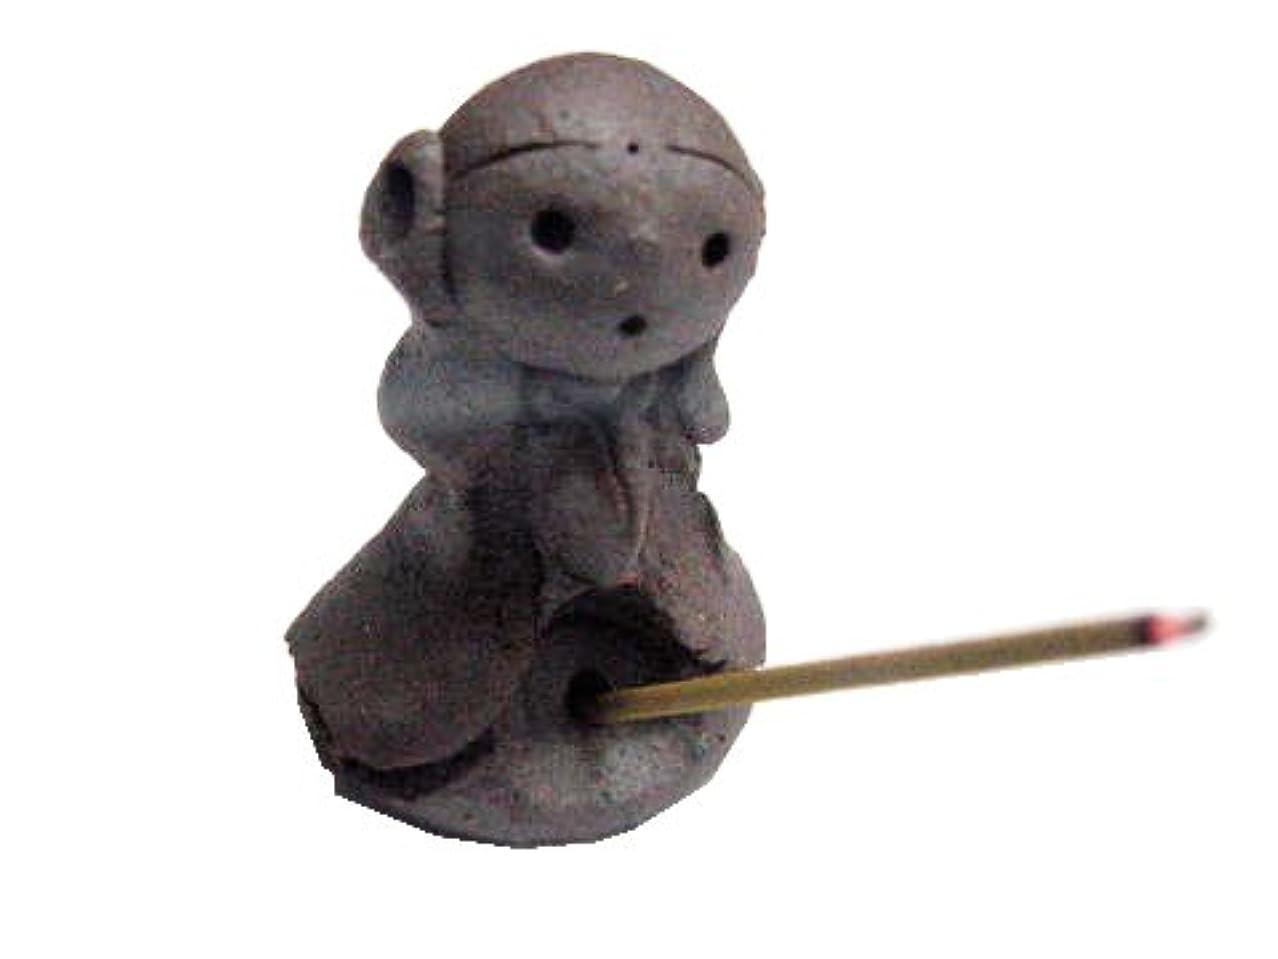 効果反論乳淡路梅薫堂の可愛い幸せを呼ぶお地蔵様のお香立て スティック コーン かわいい incense stick cones holder #433